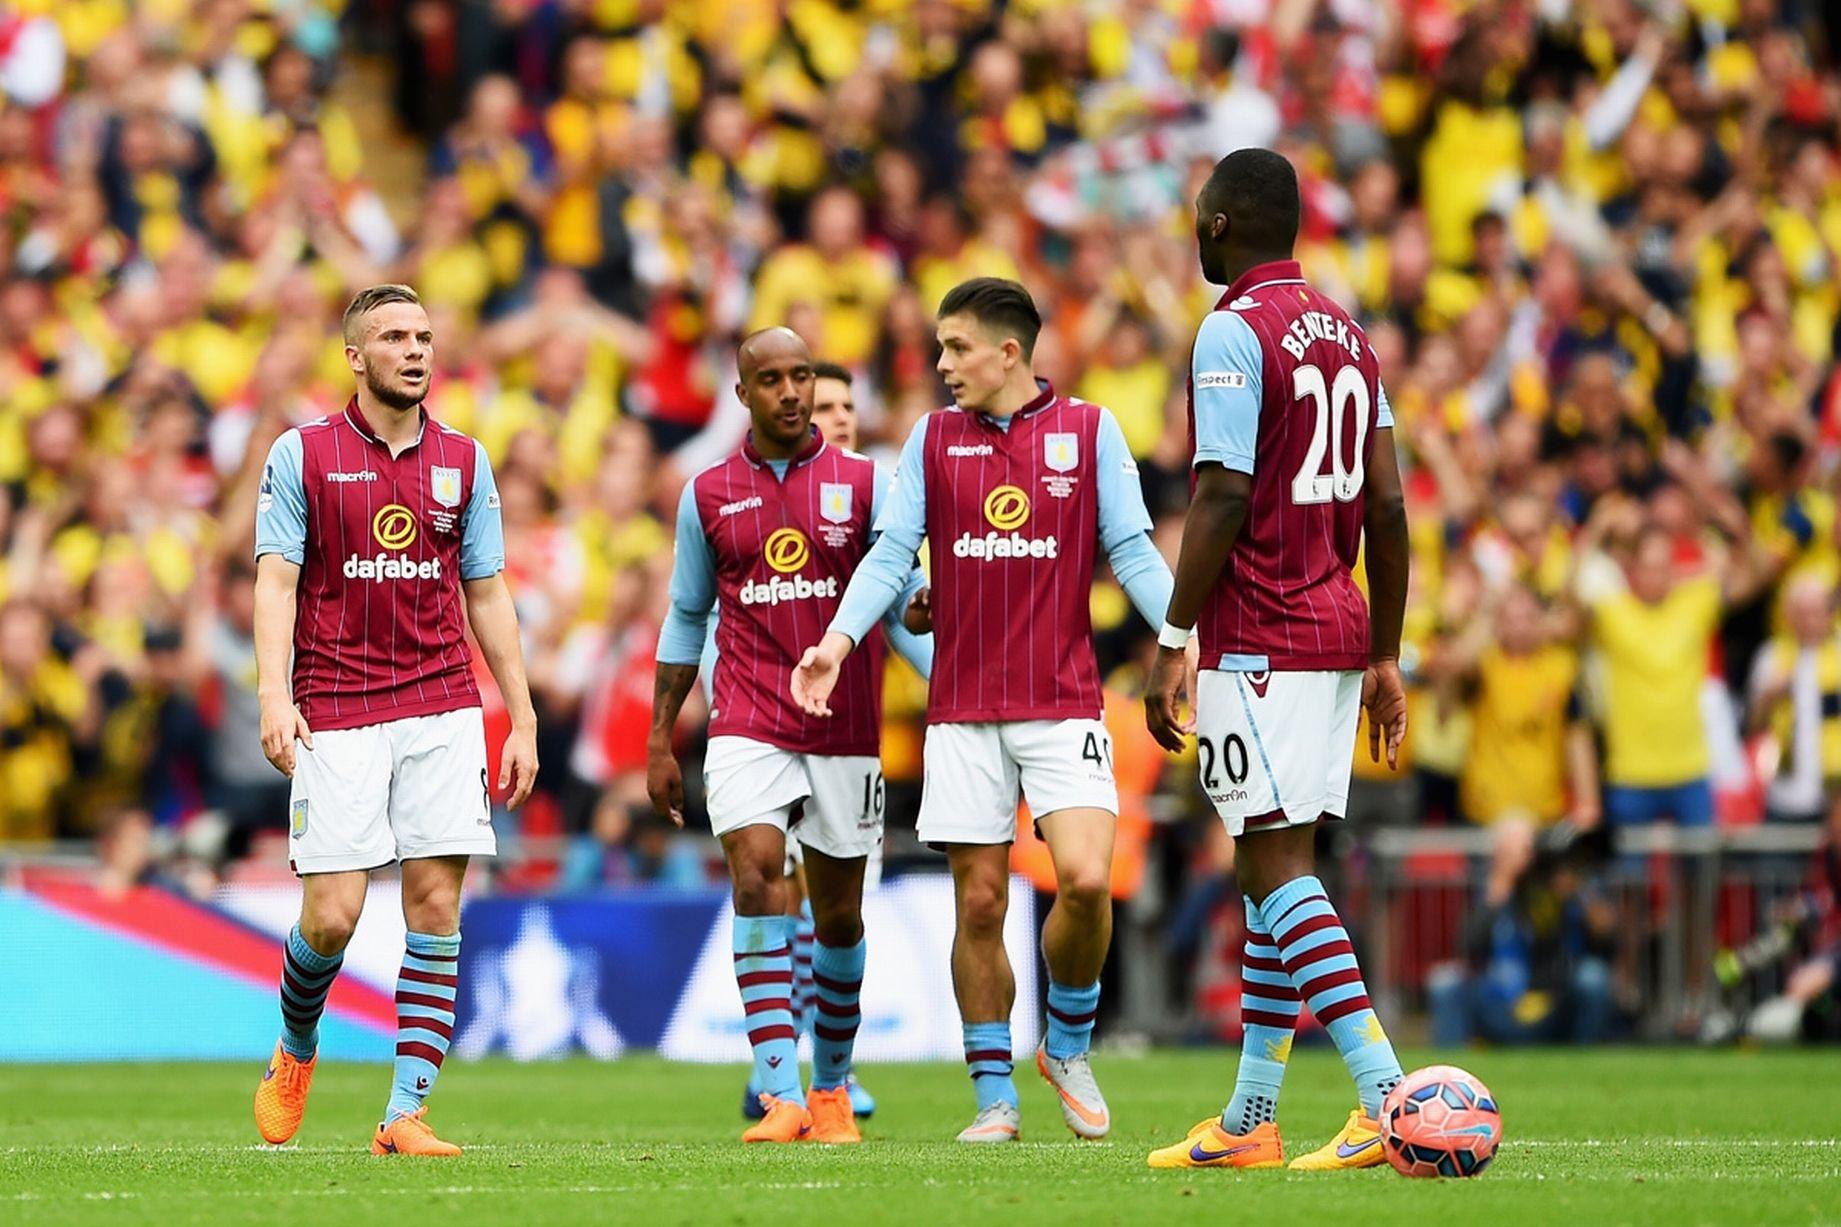 Thất bại khiến Aston Villa mất tất cả, họ không thể tham dự cúp châu Âu mùa tới